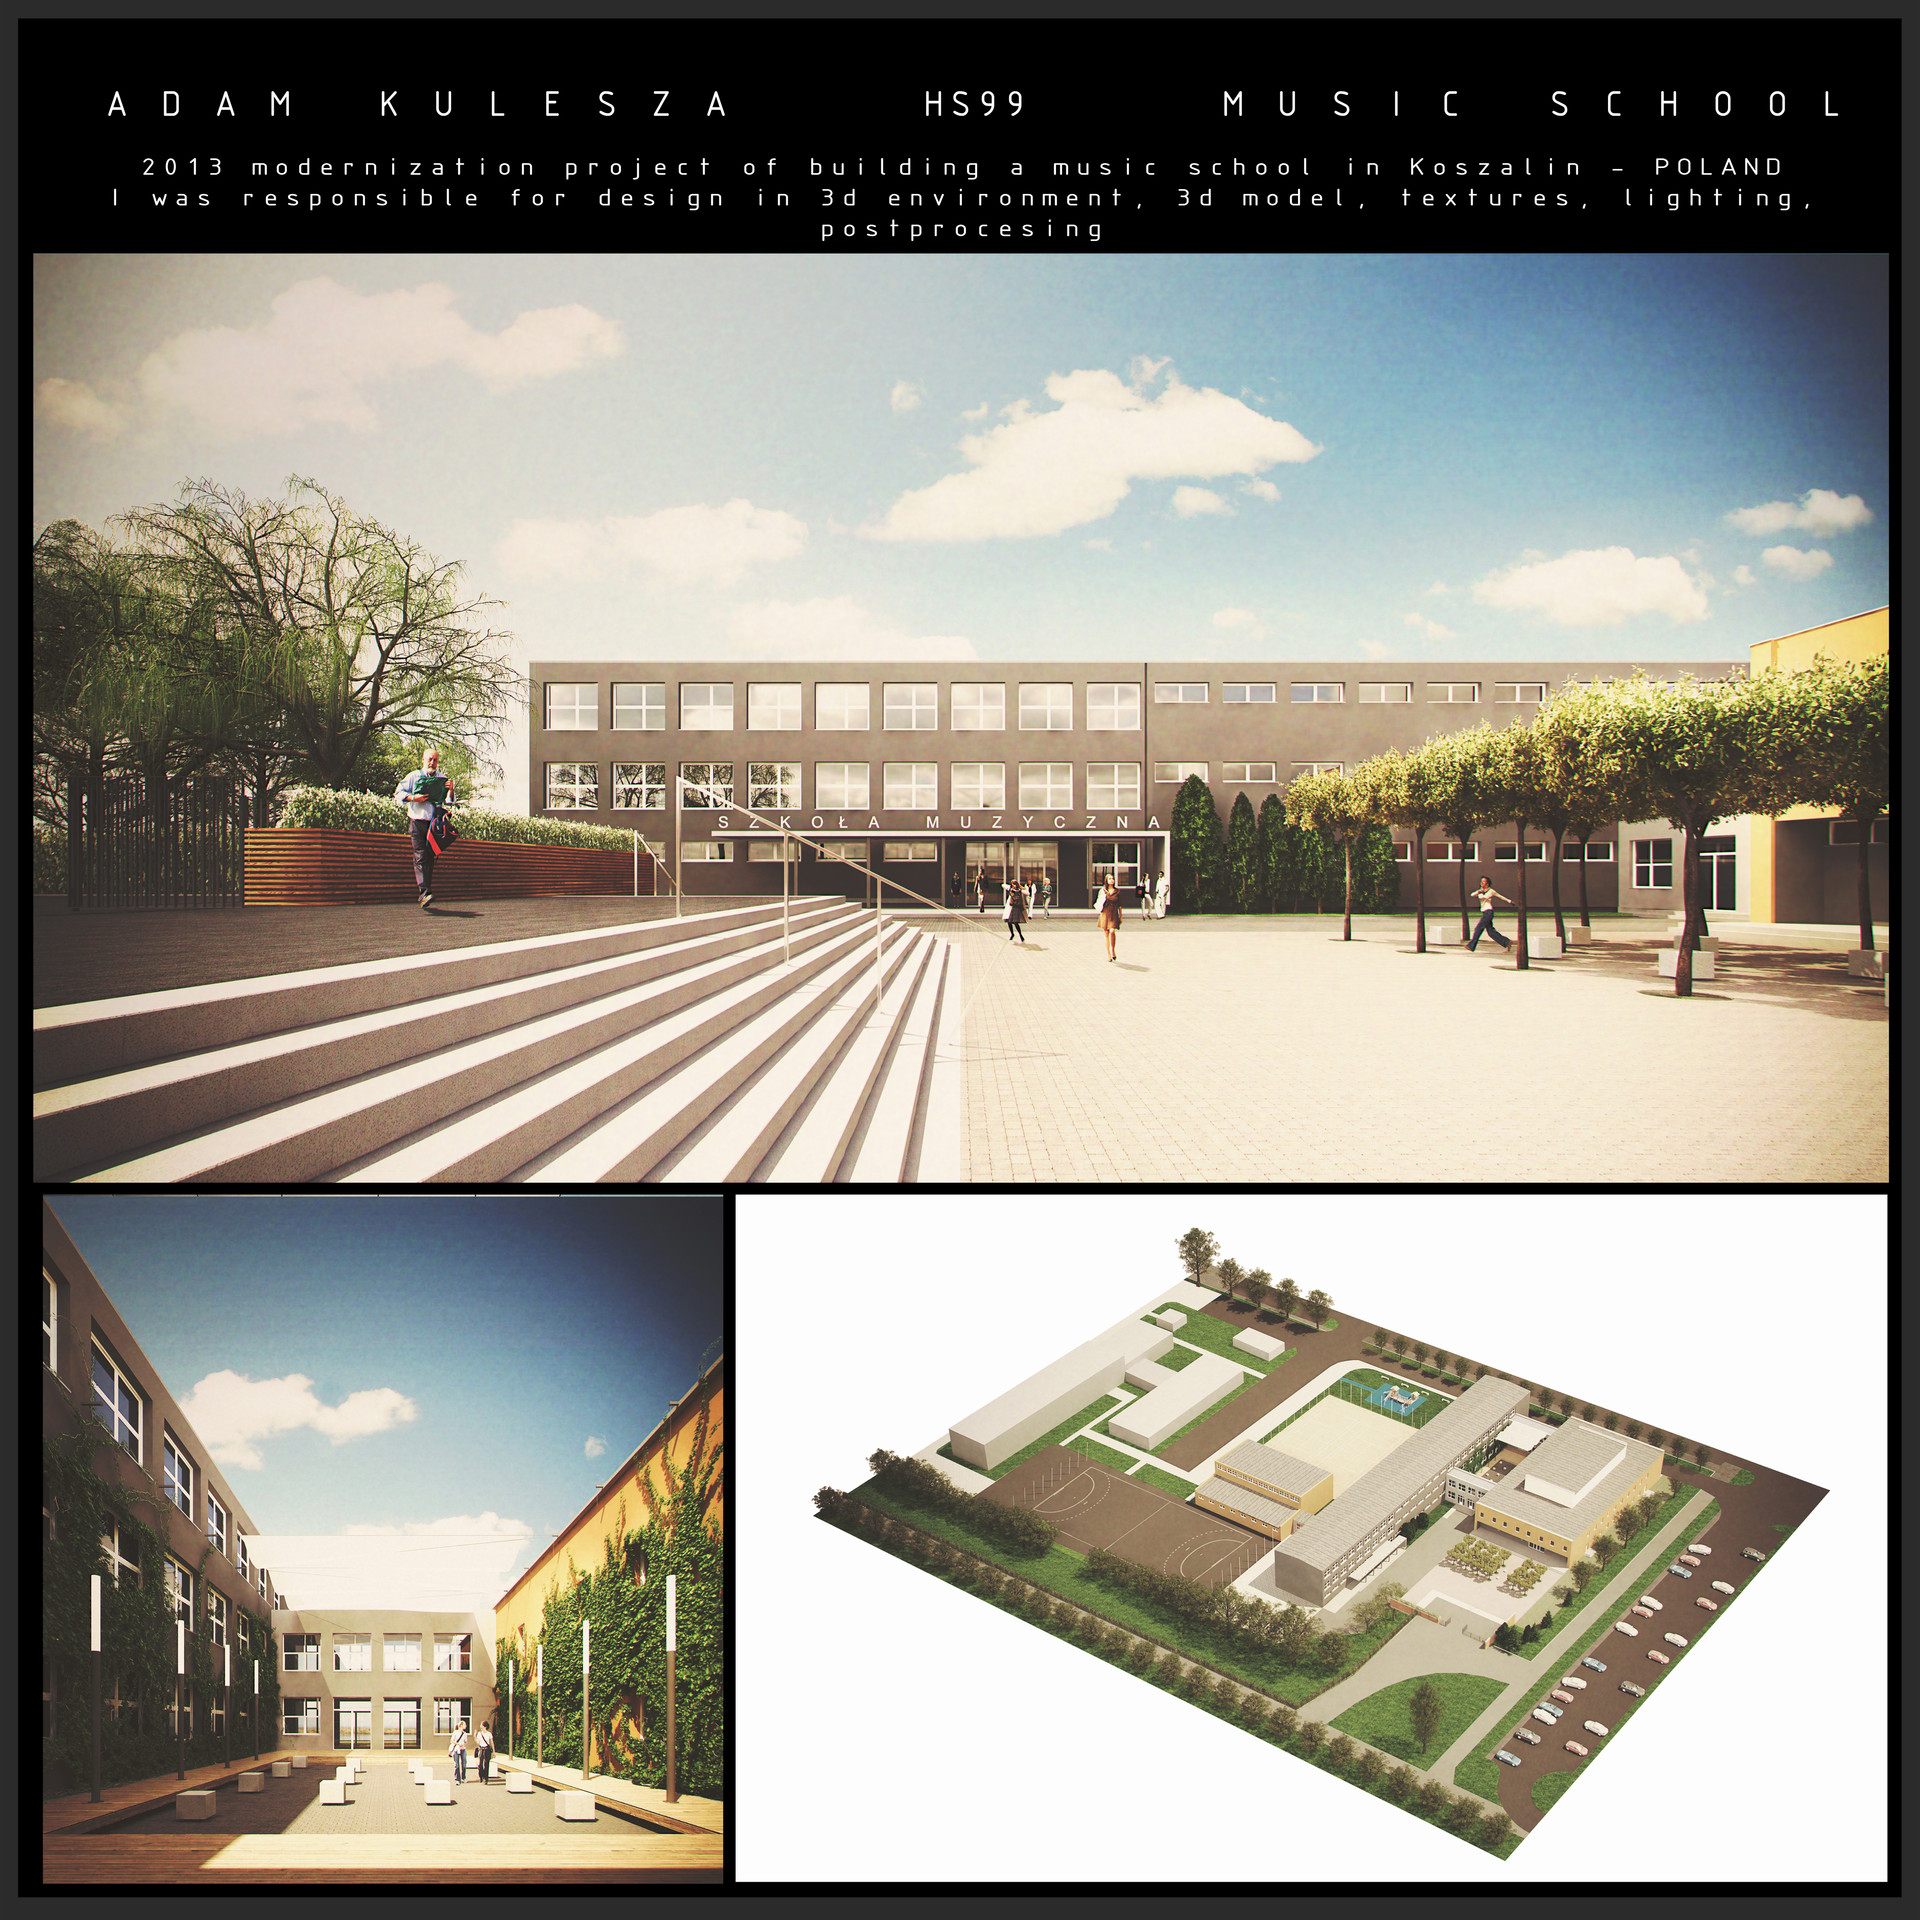 Adam bernard kulesza 2013 portfolio hs99 szkola muzyczna s